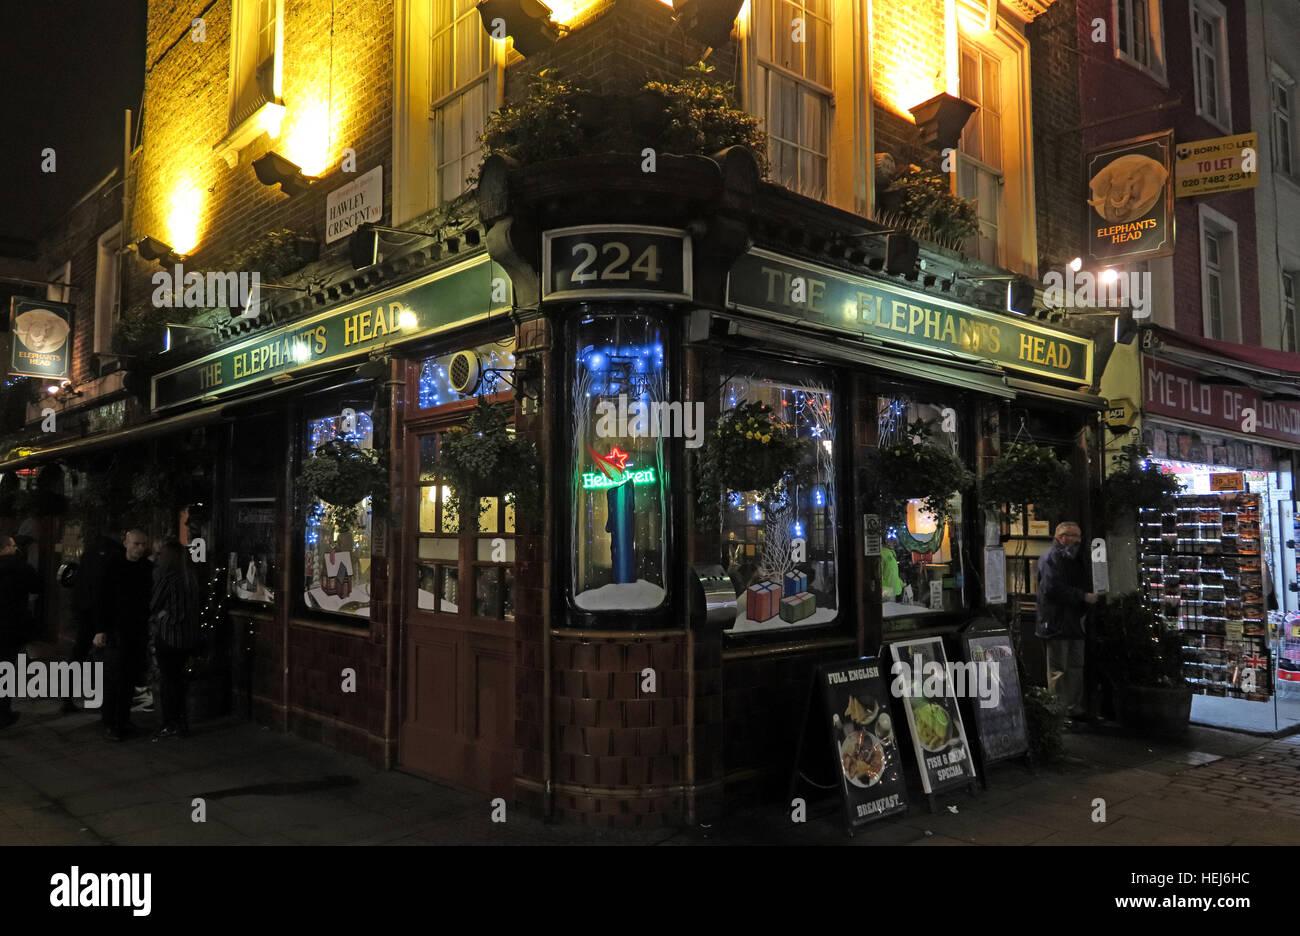 Laden Sie dieses Alamy Stockfoto Camden Town bei Nacht, Nord-London, England, UK - The Elefanten Head Pub 224 - HEJ6HC